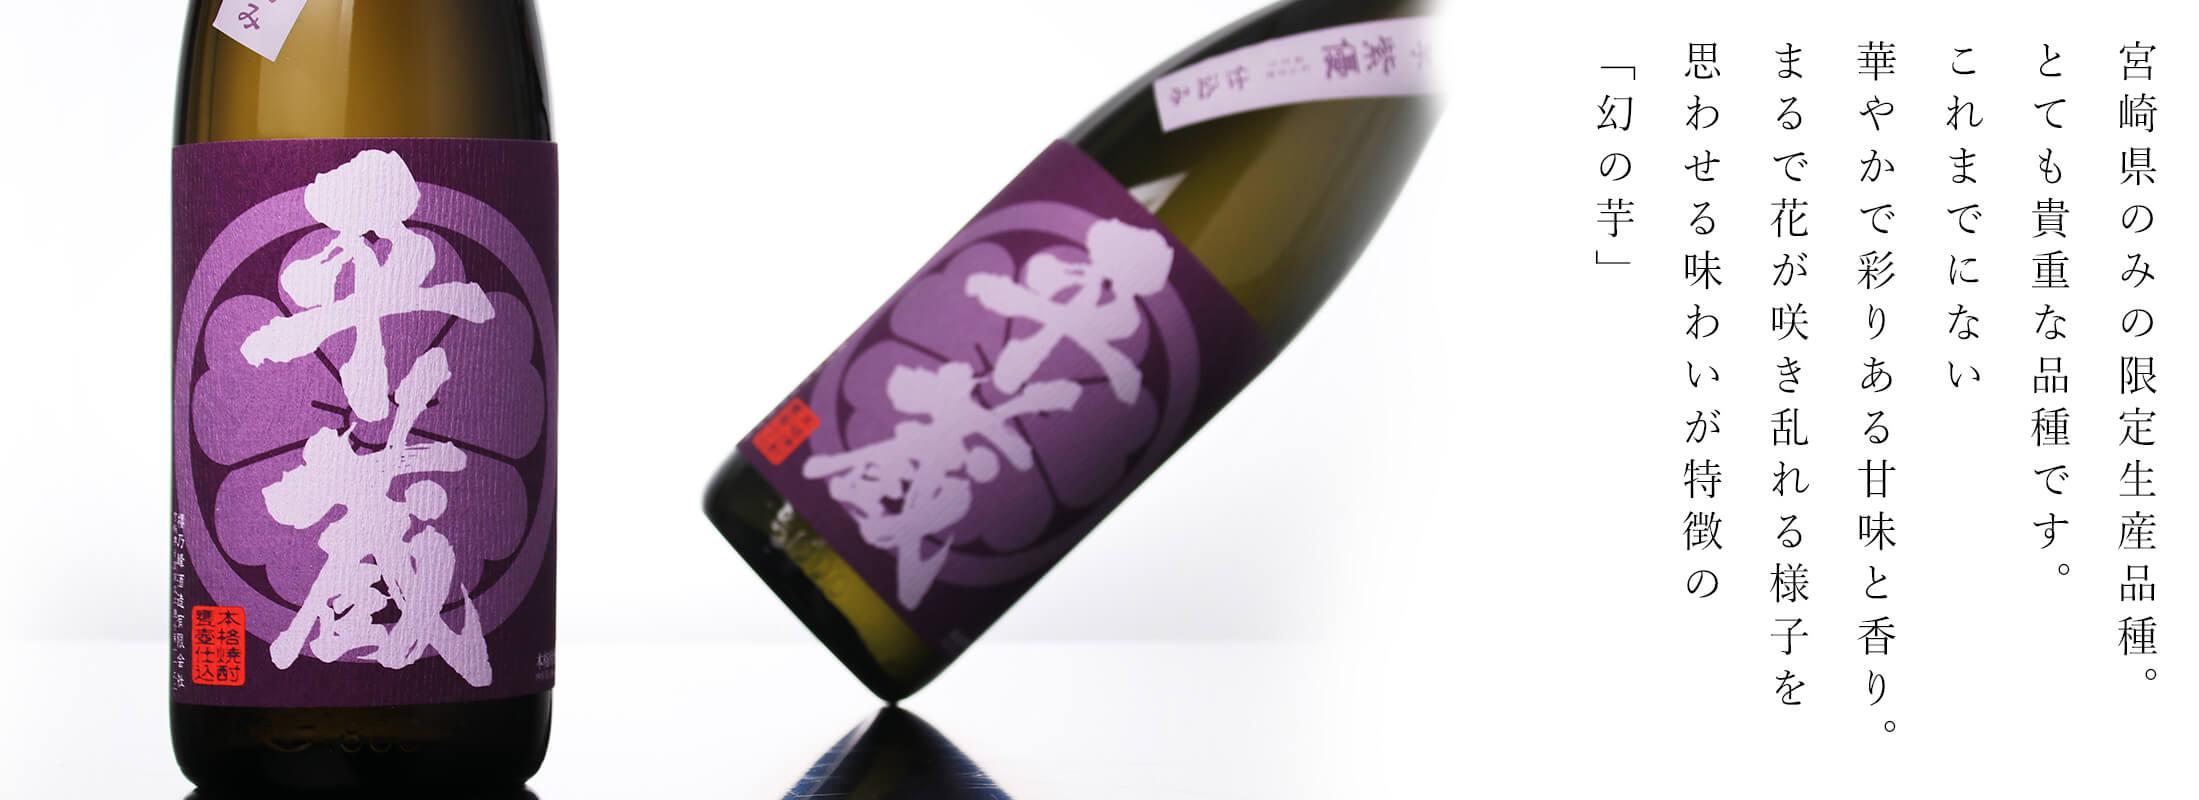 平蔵 紫芋